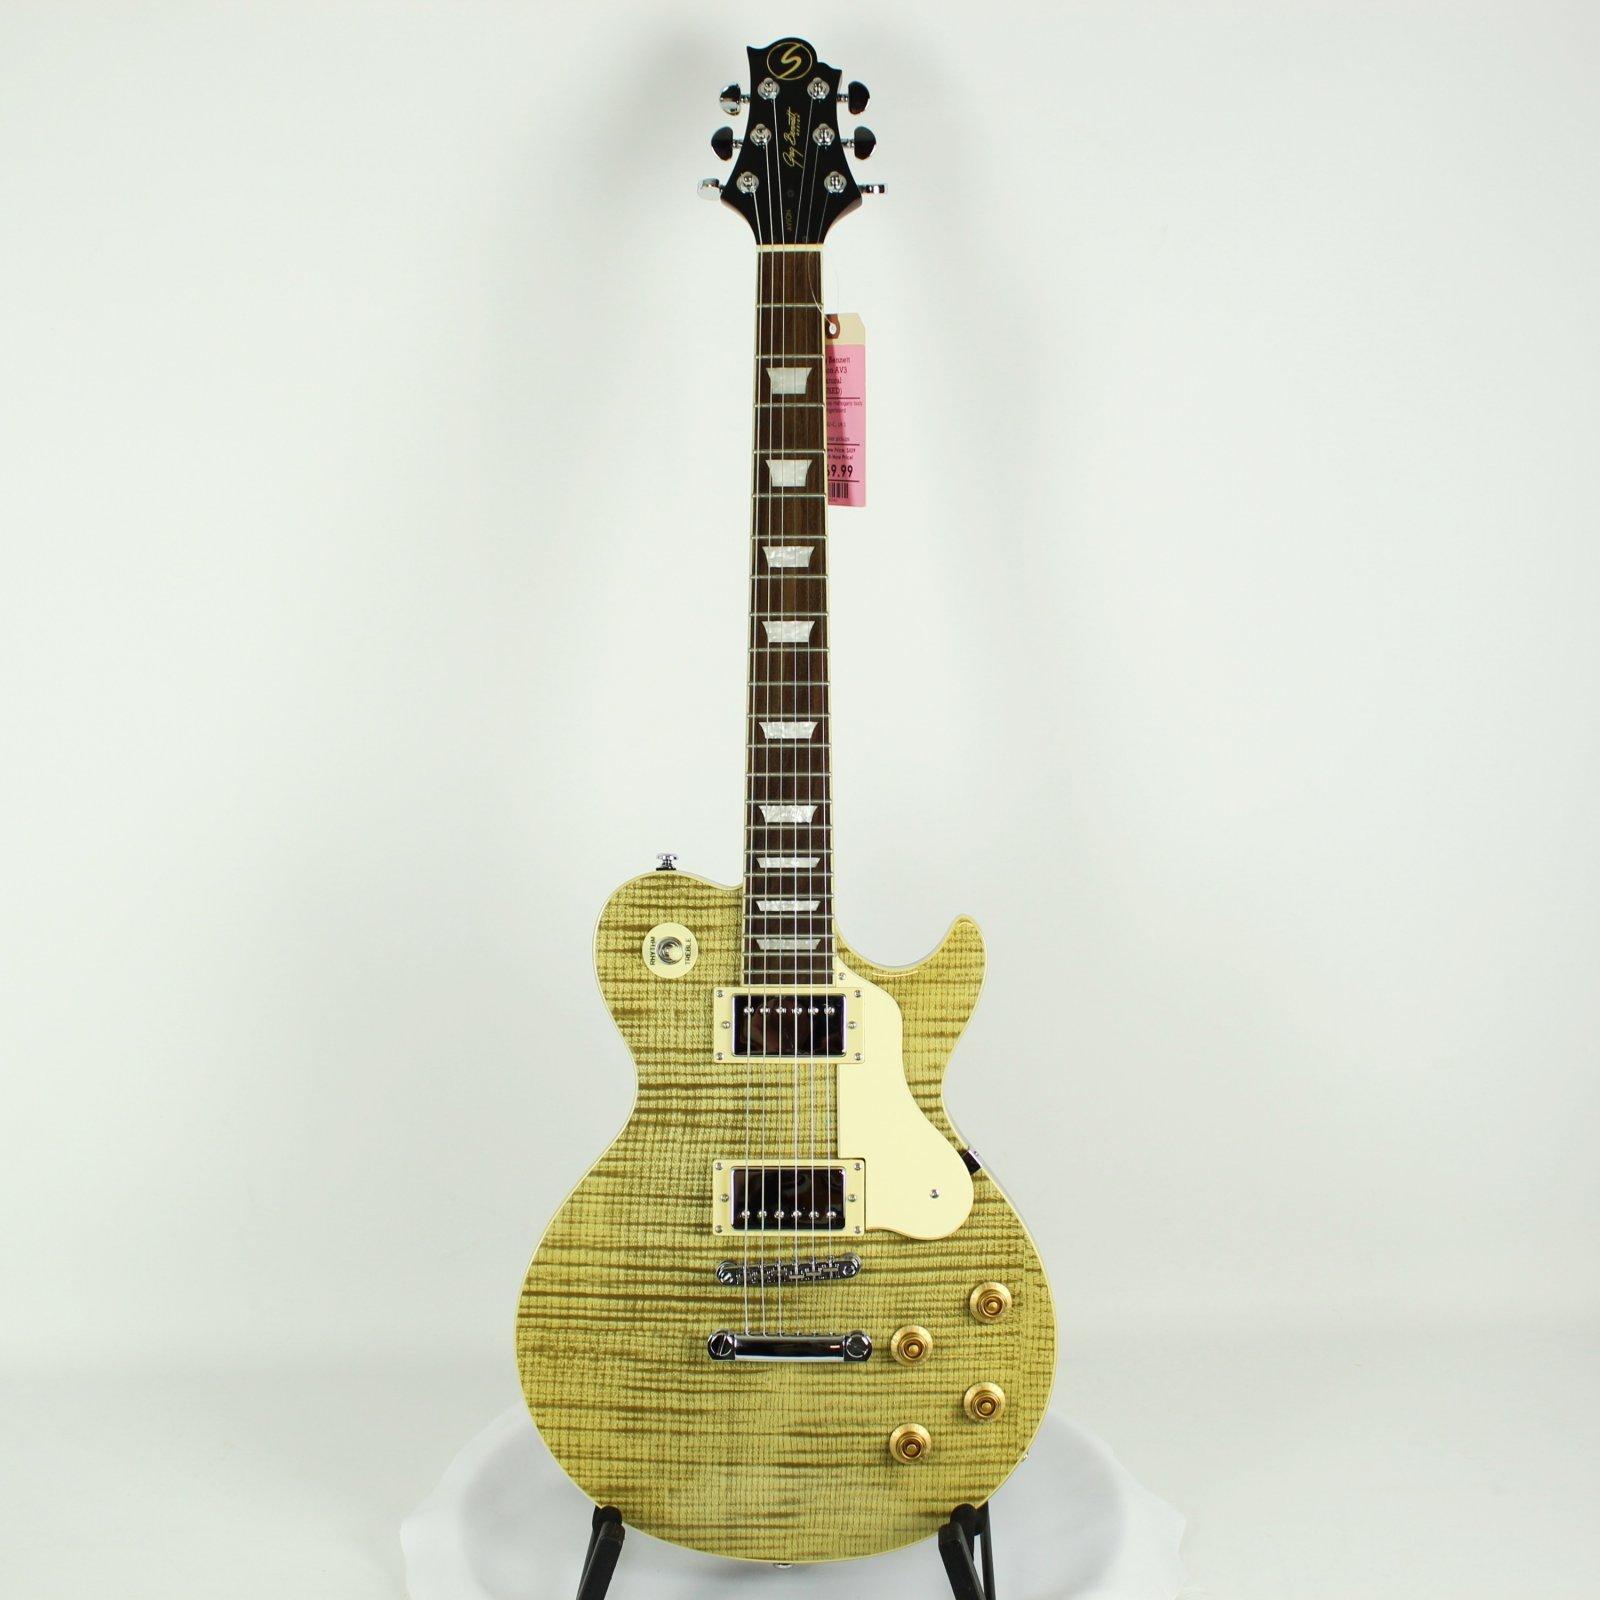 Greg Bennett Avion AV3 Electric Guitar